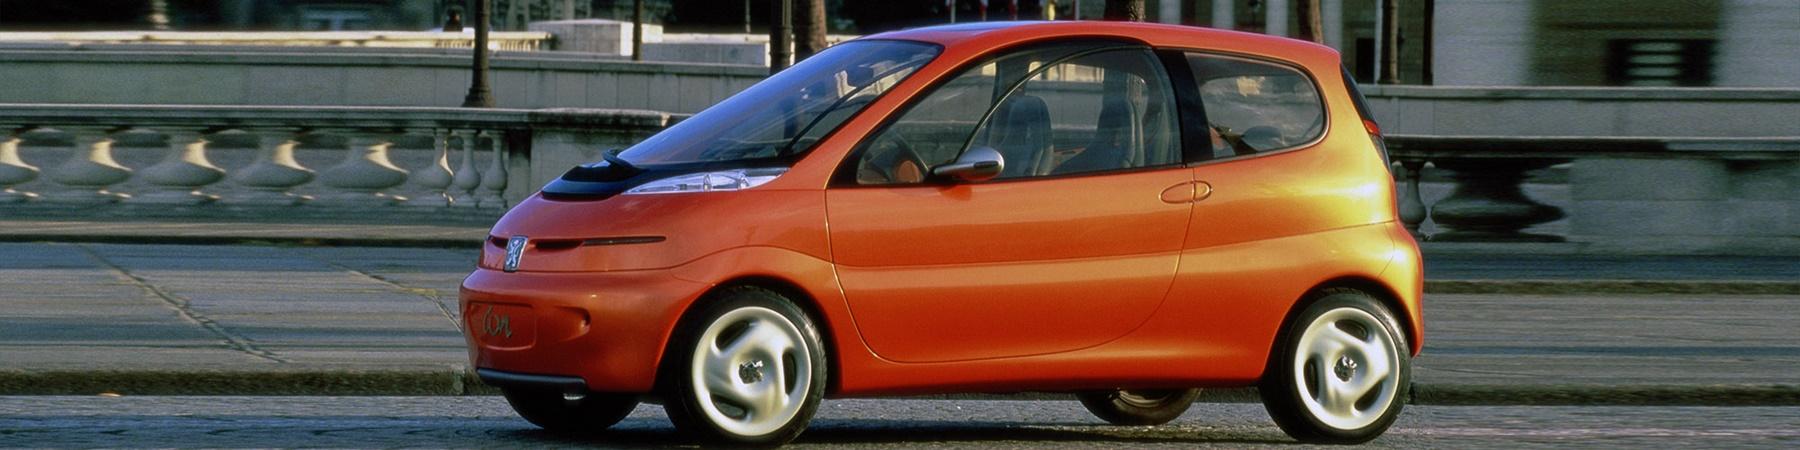 Peugeot iOn 16kWh 128 km actieradius